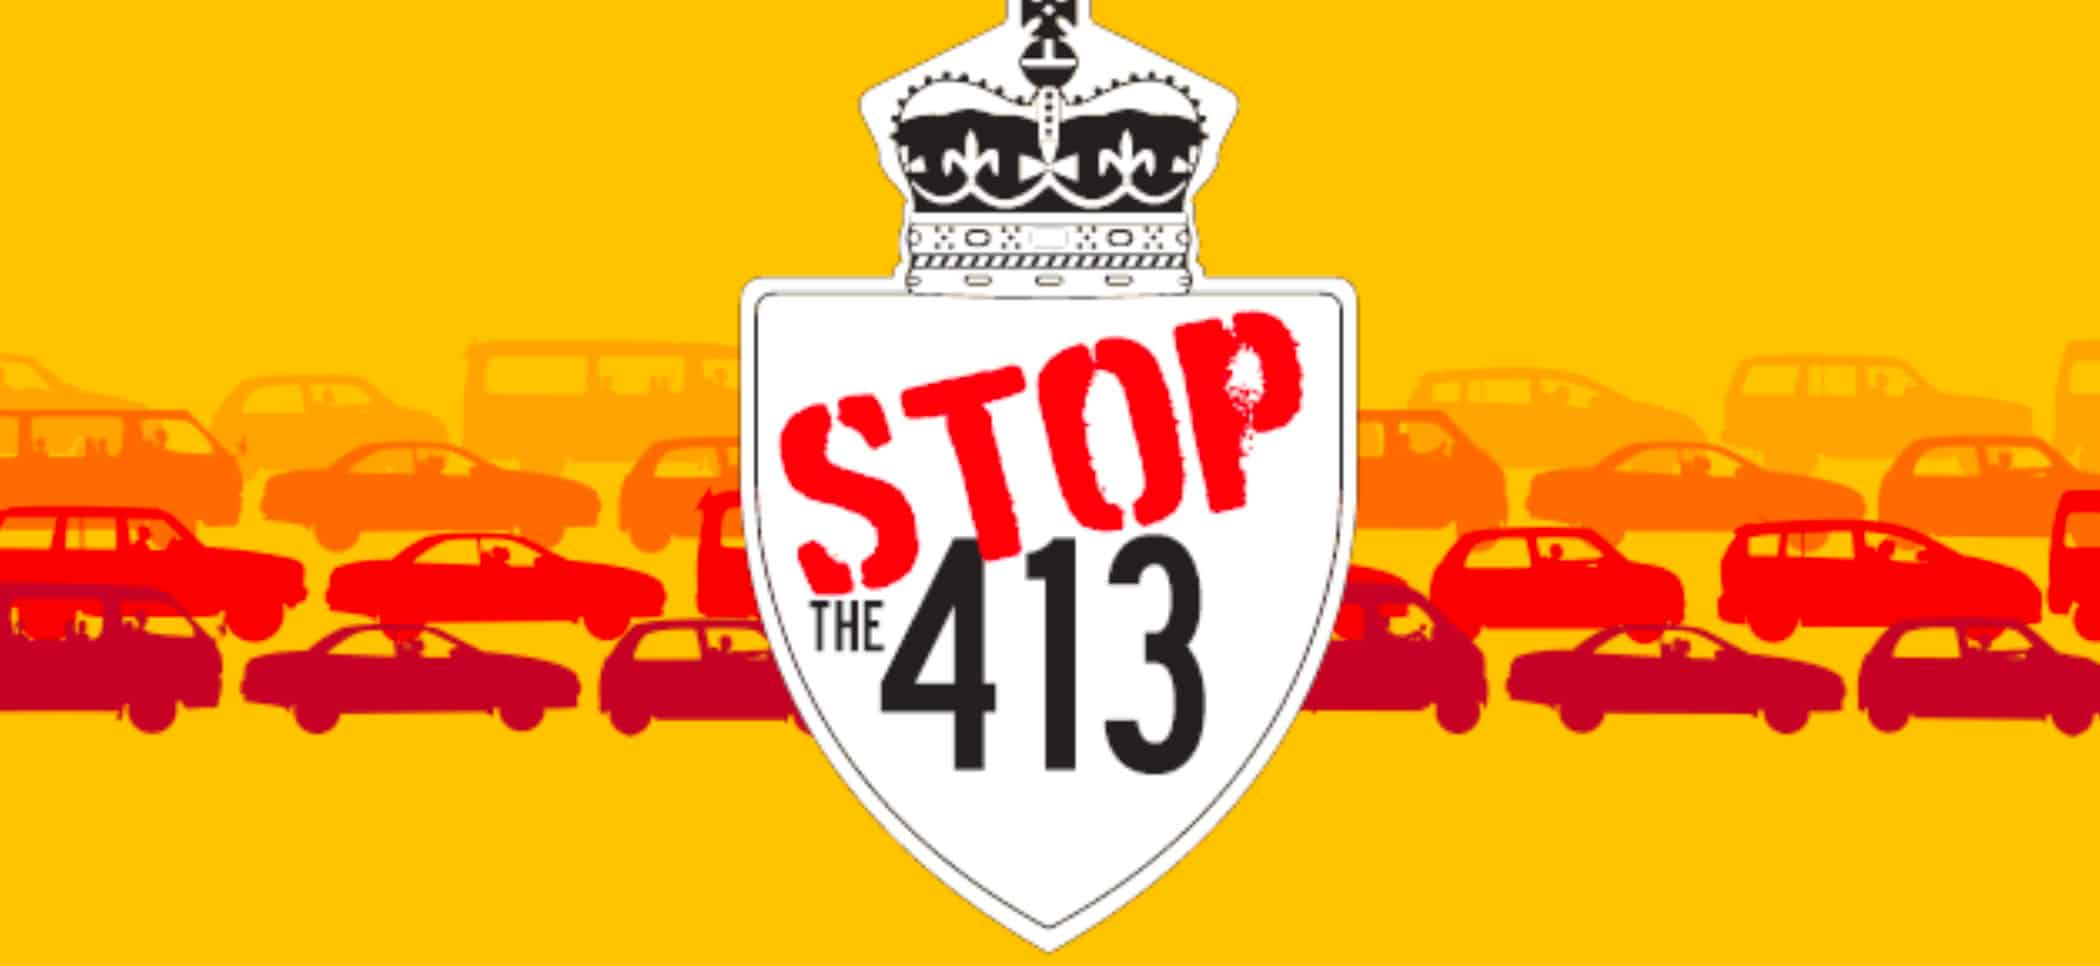 Stop Highway 413